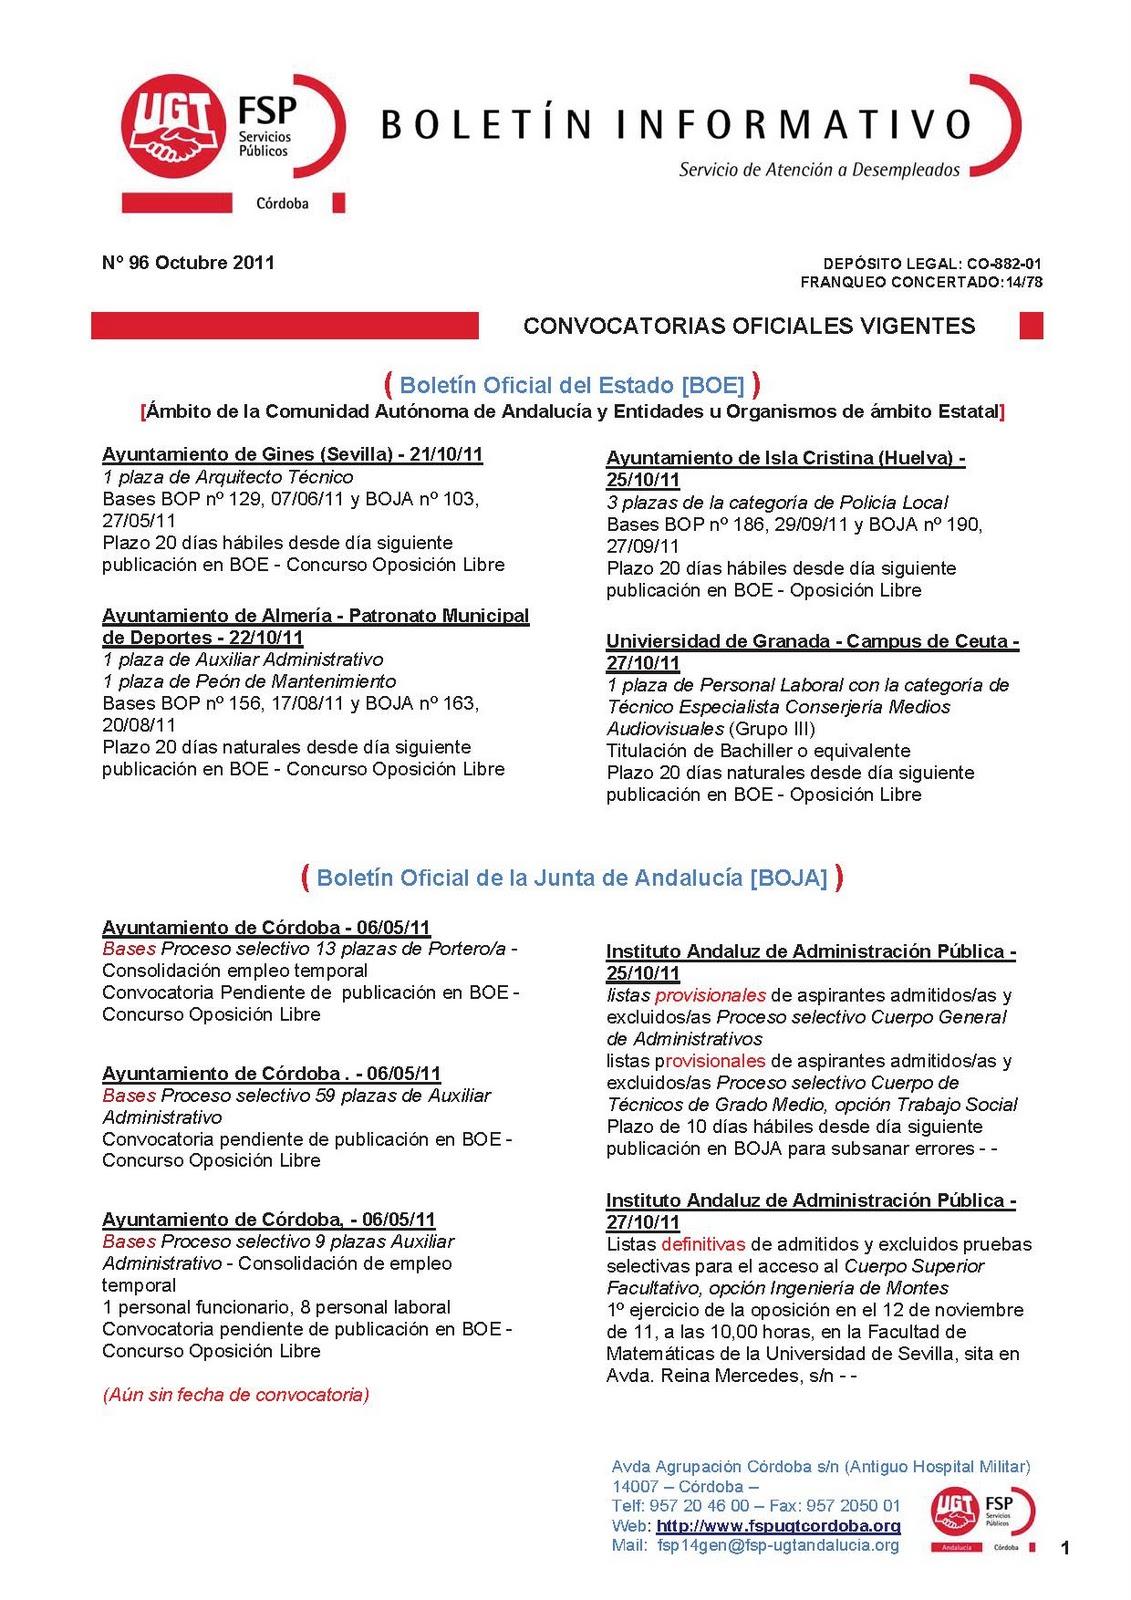 Dorable Muestra Del Curriculum Vitae Del Portero De Cocina ...